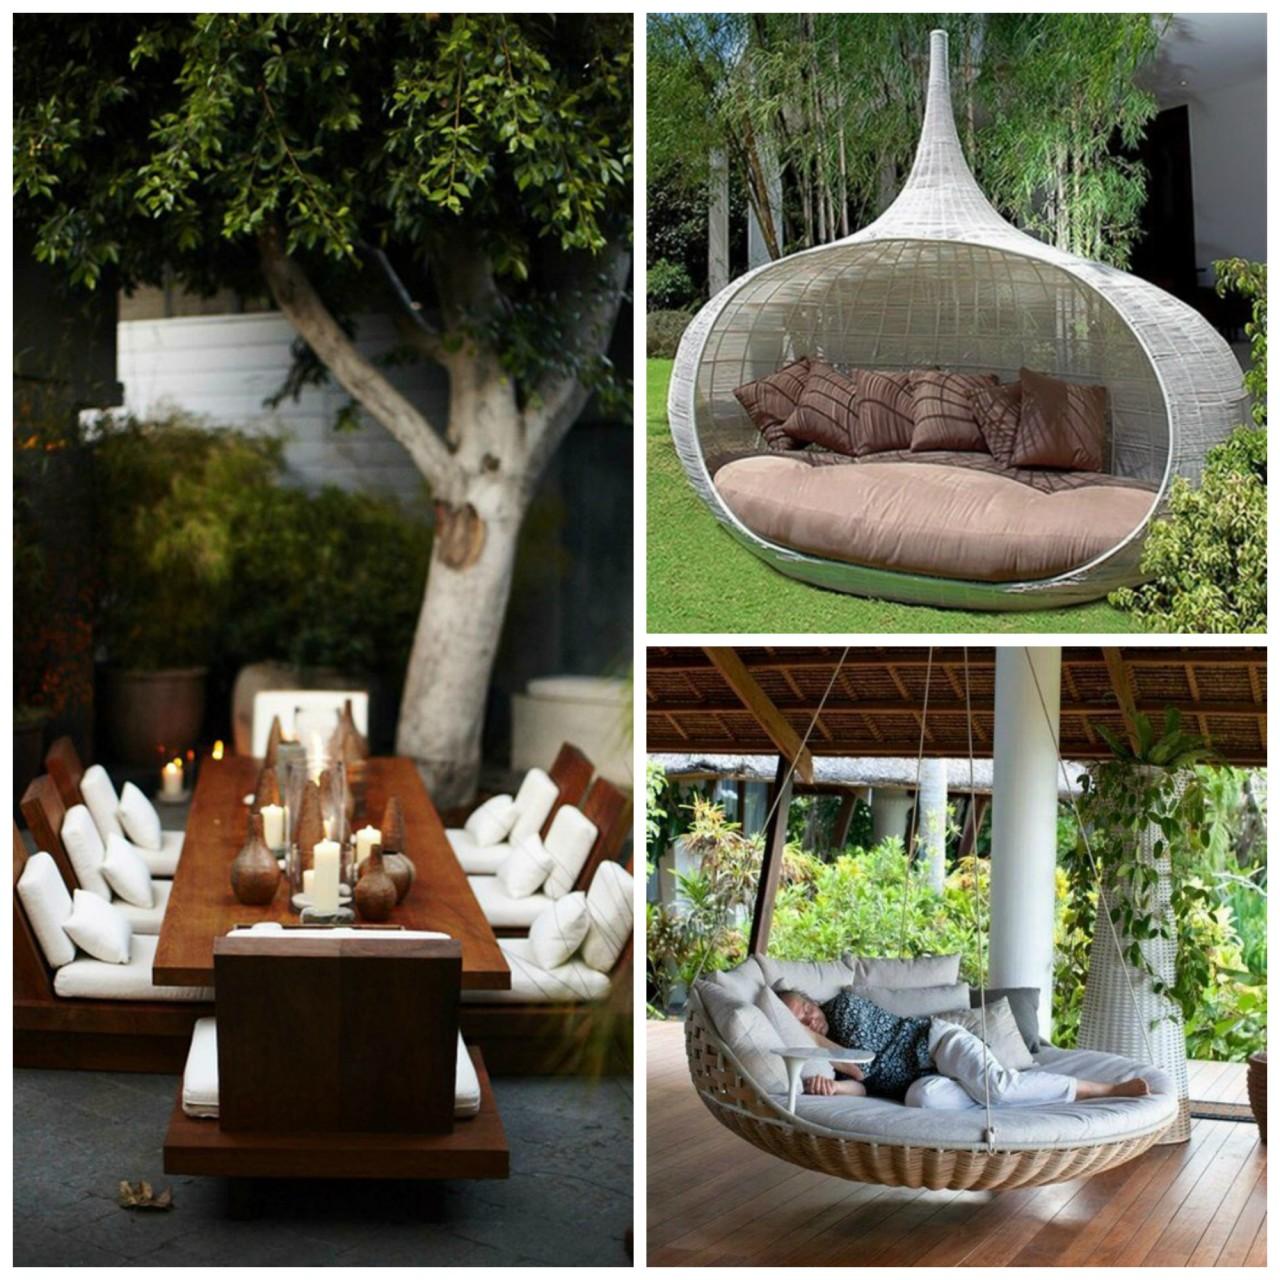 Garden furniture 20 best garden furniture trends 2017 - theydesign.net - theydesign.net GSDEXIS